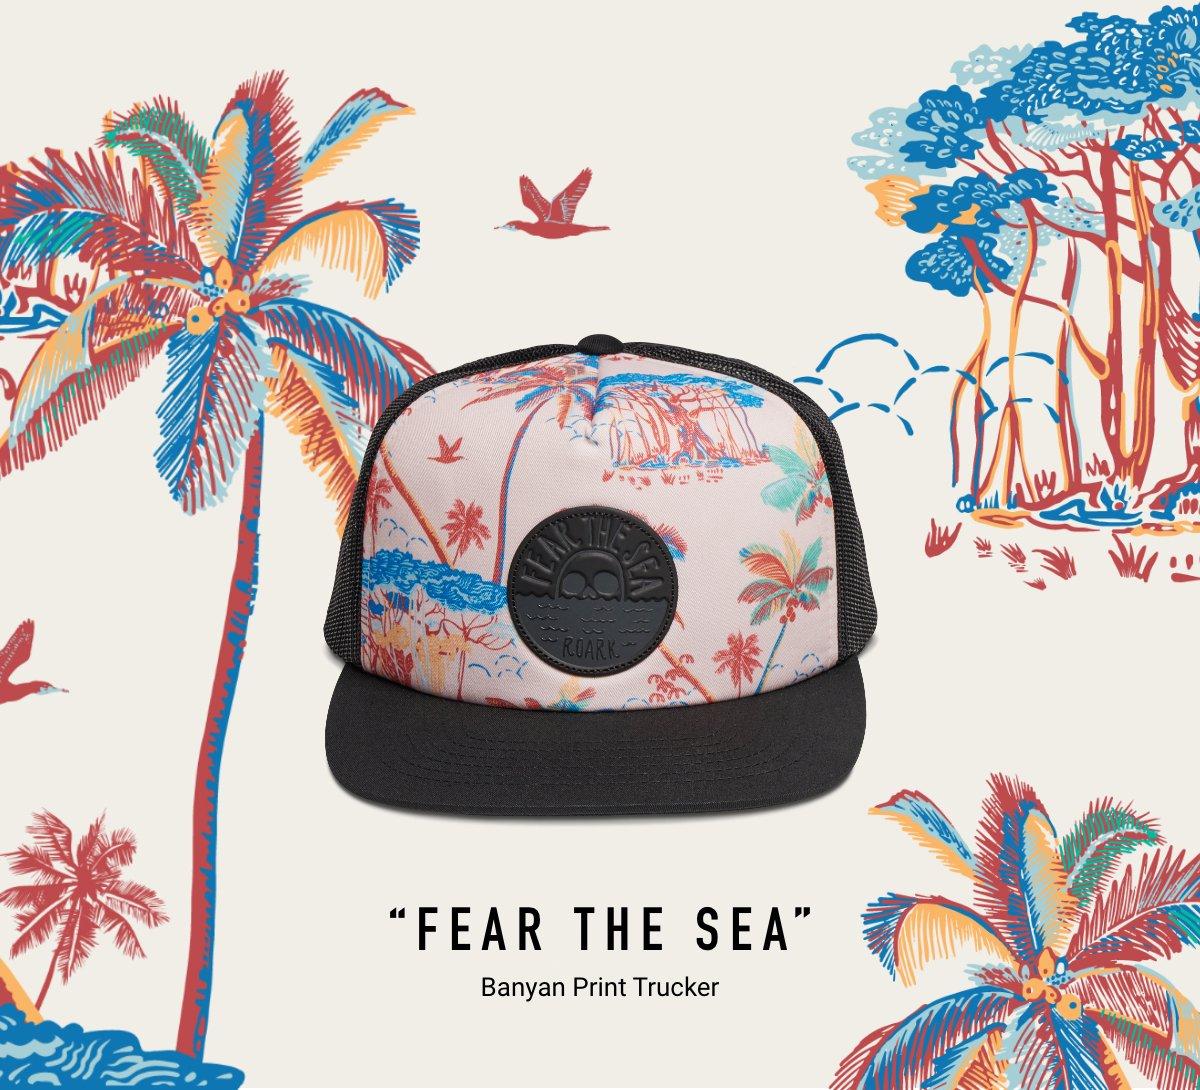 FEAR THE SEA TRUCKER HAT